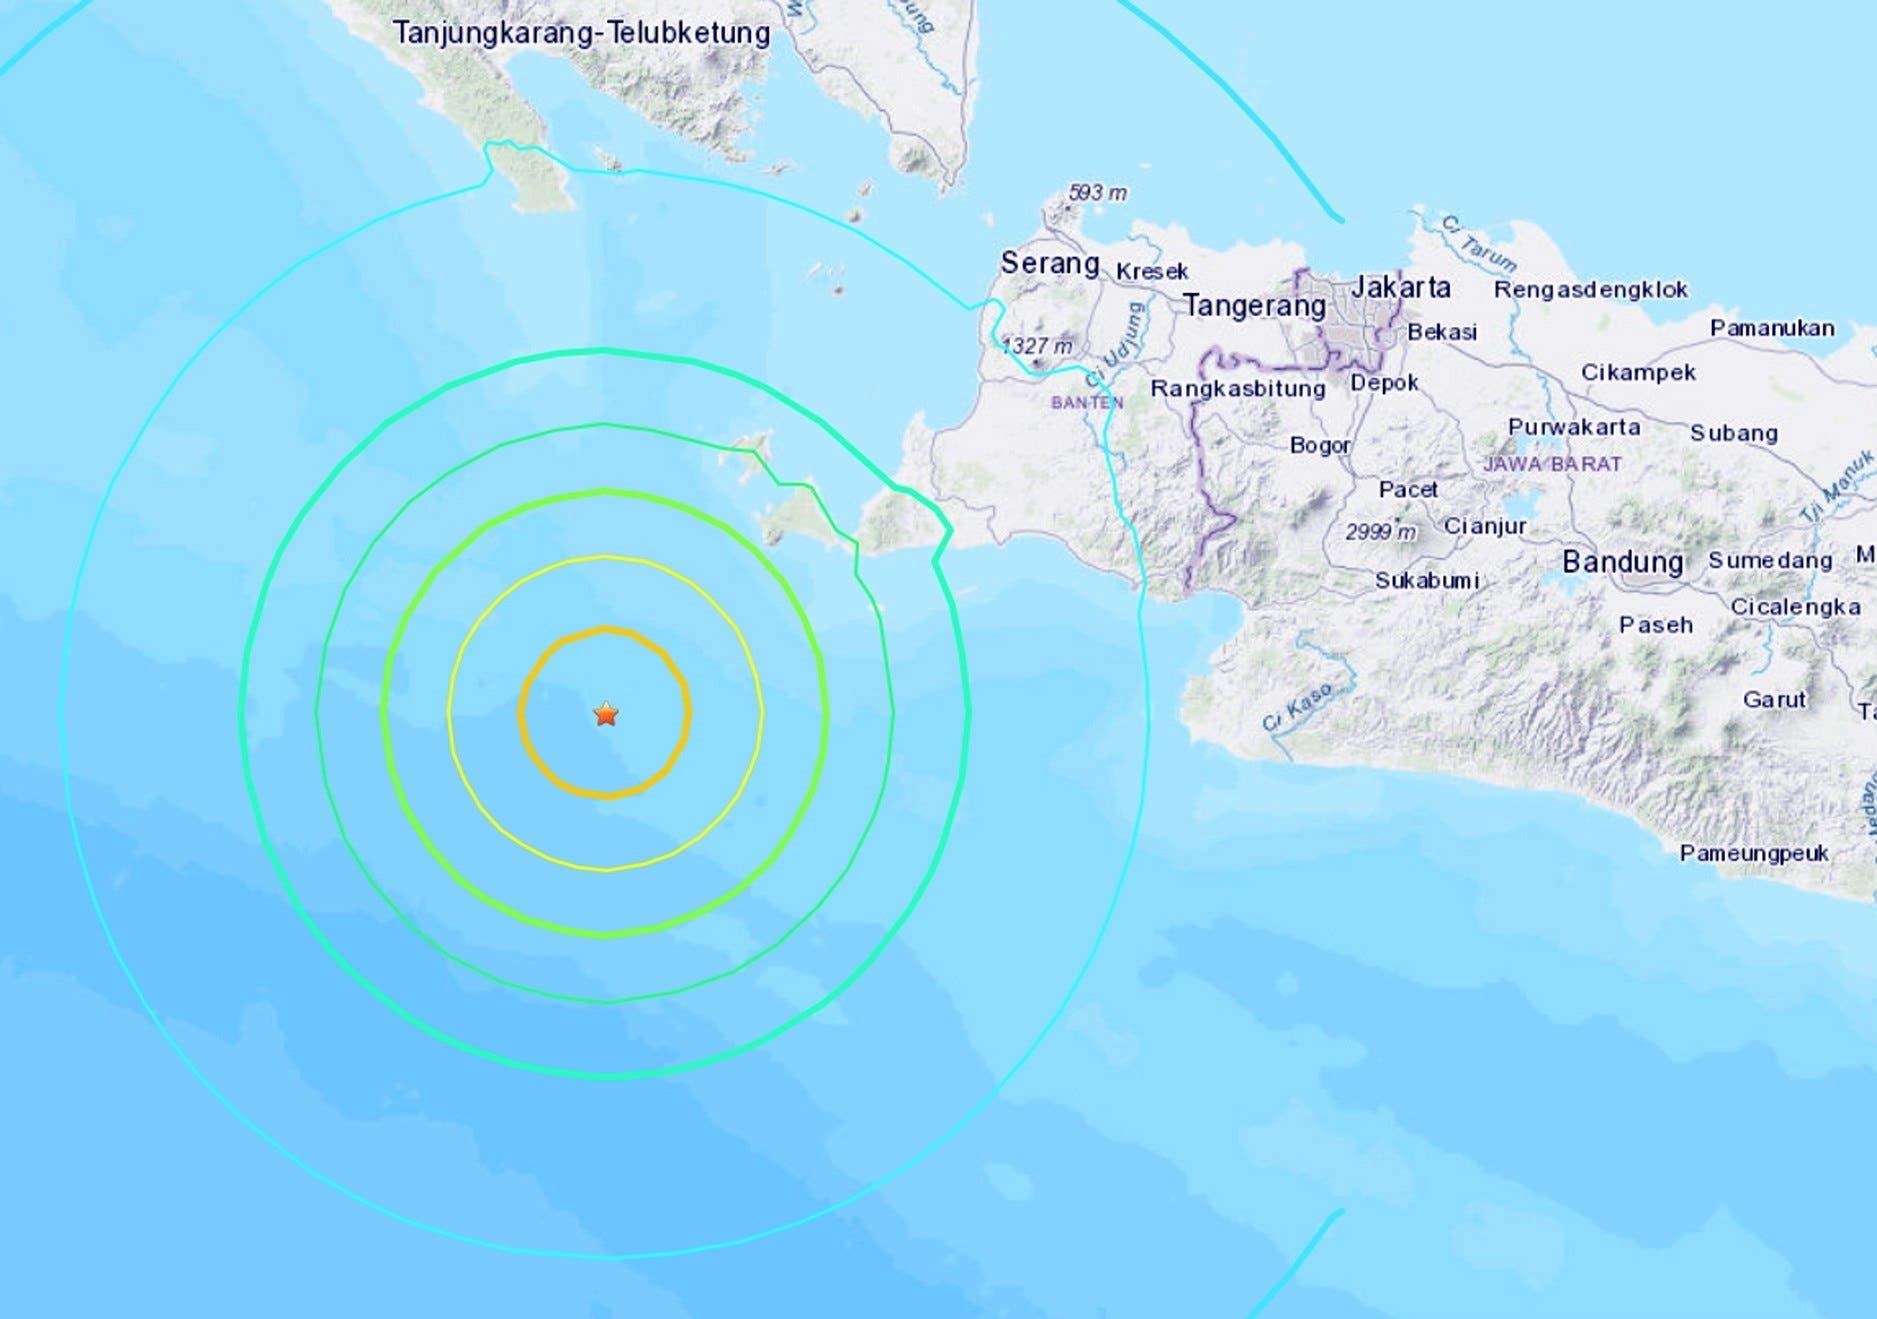 Video: Alerta de tsunami en Indonesia tras terremoto de magnitud 7,4